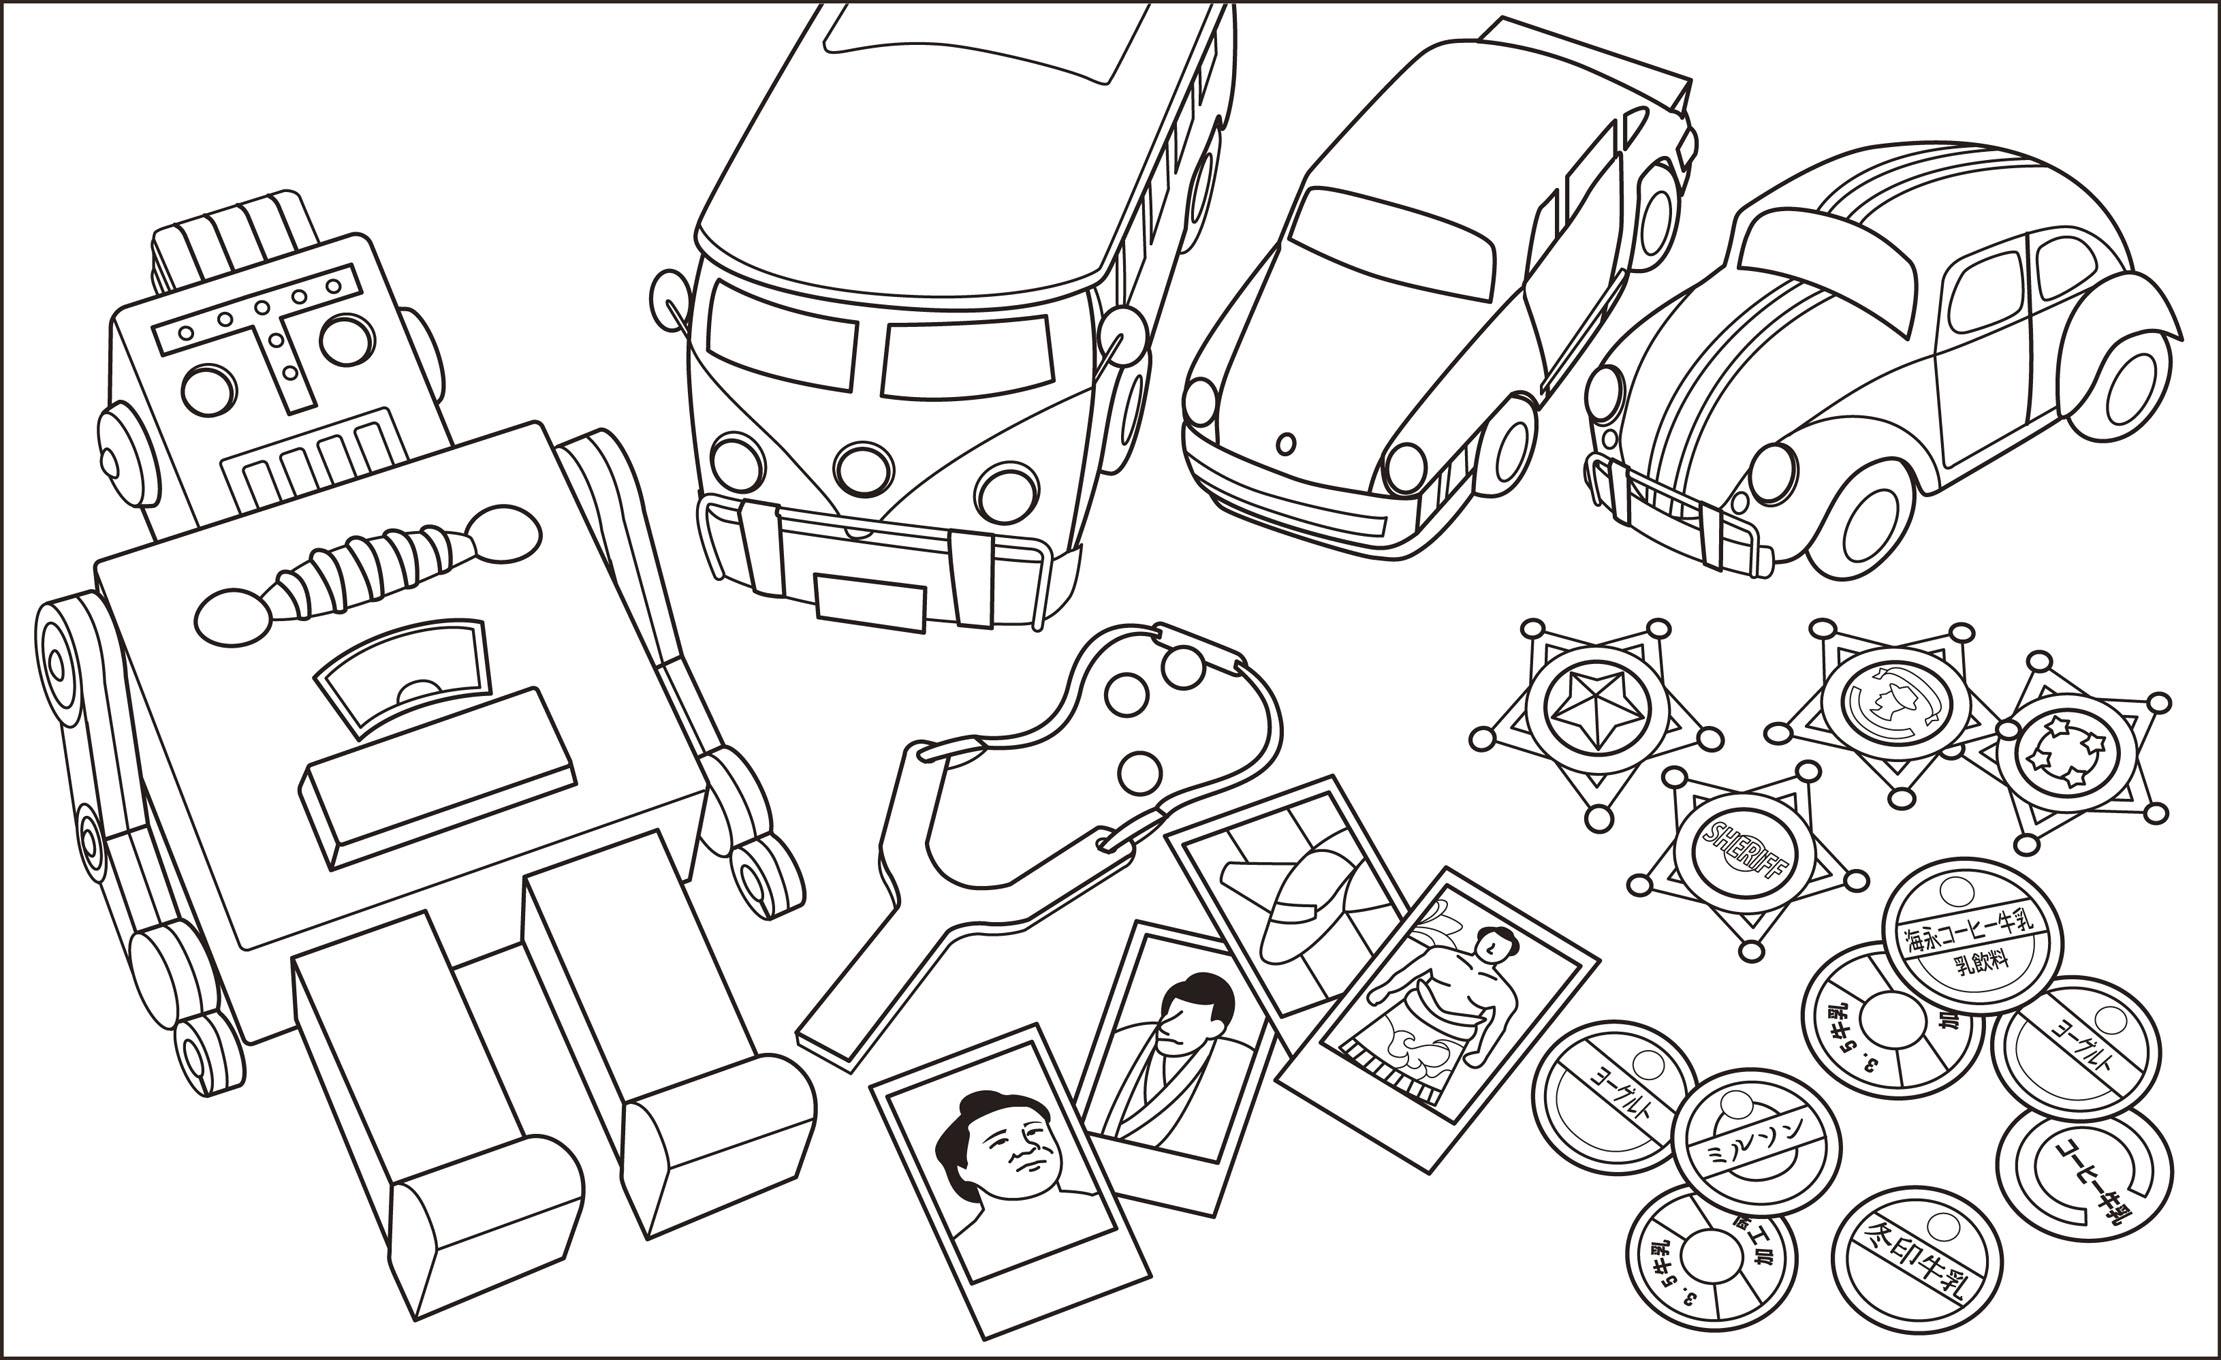 レク素材 男の子のおもちゃ介護レク広場レク素材やレクネタ企画書